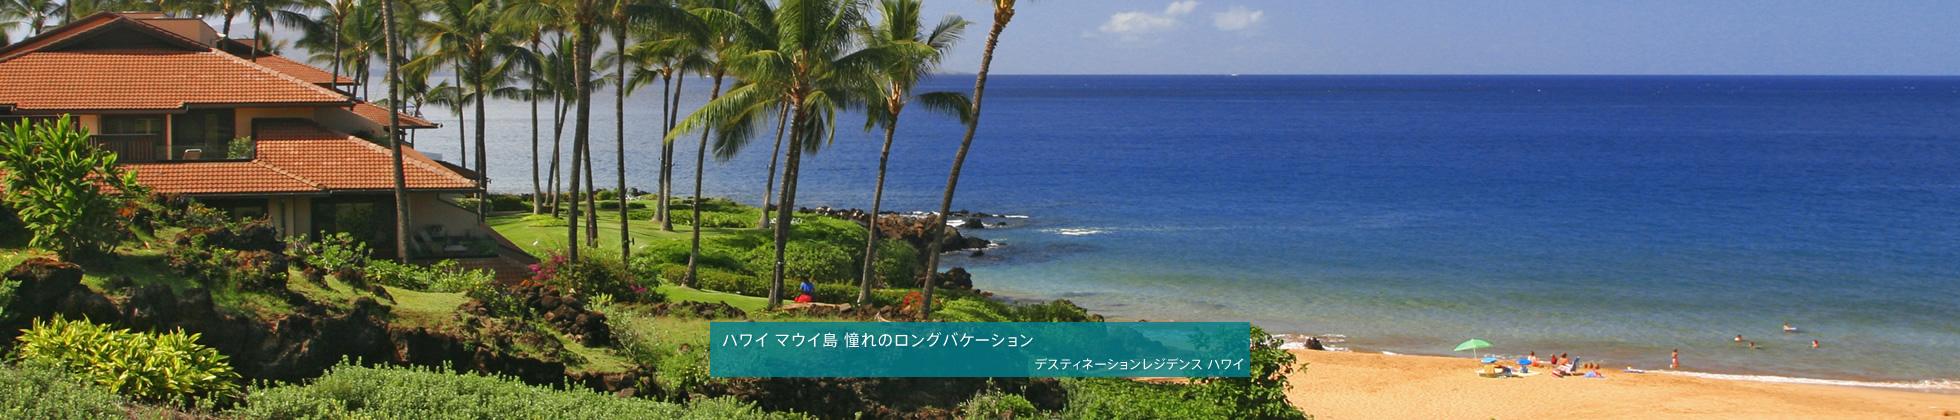 デスティネーションリゾート ハワイ